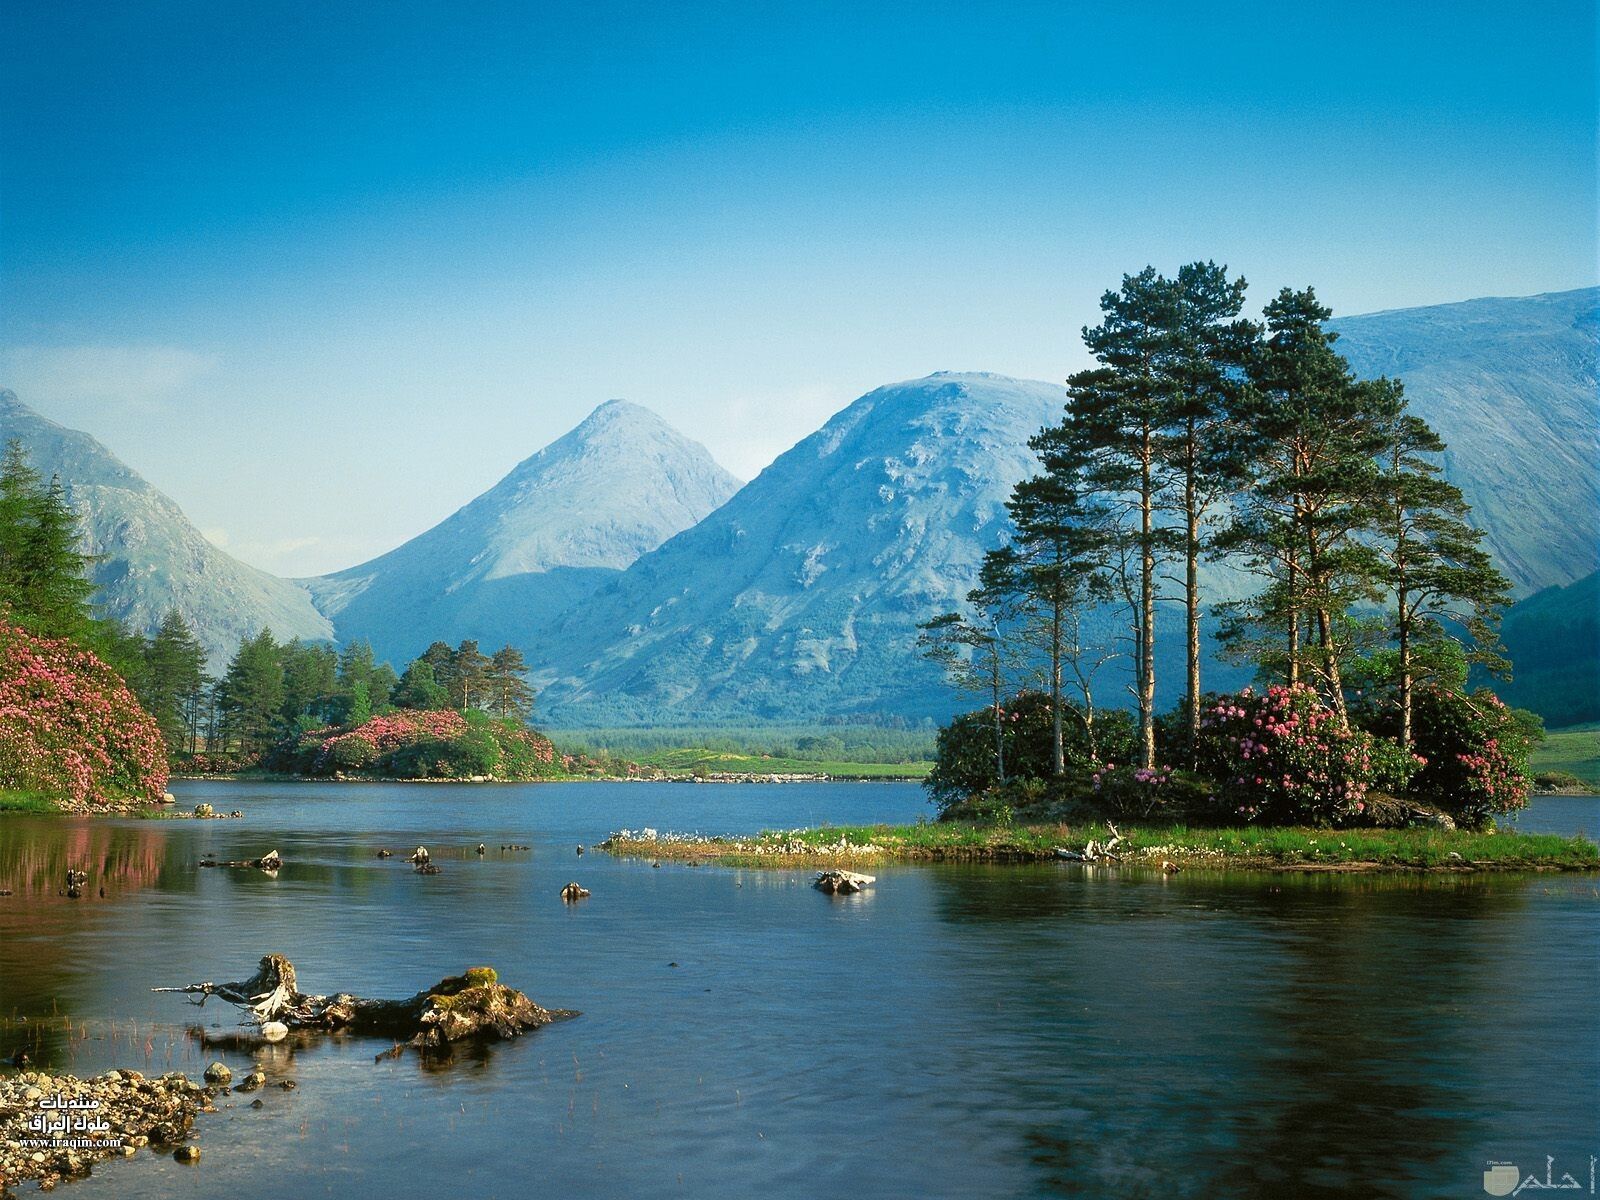 منظر طبيعي لنهر و شجر و جبال روعة.